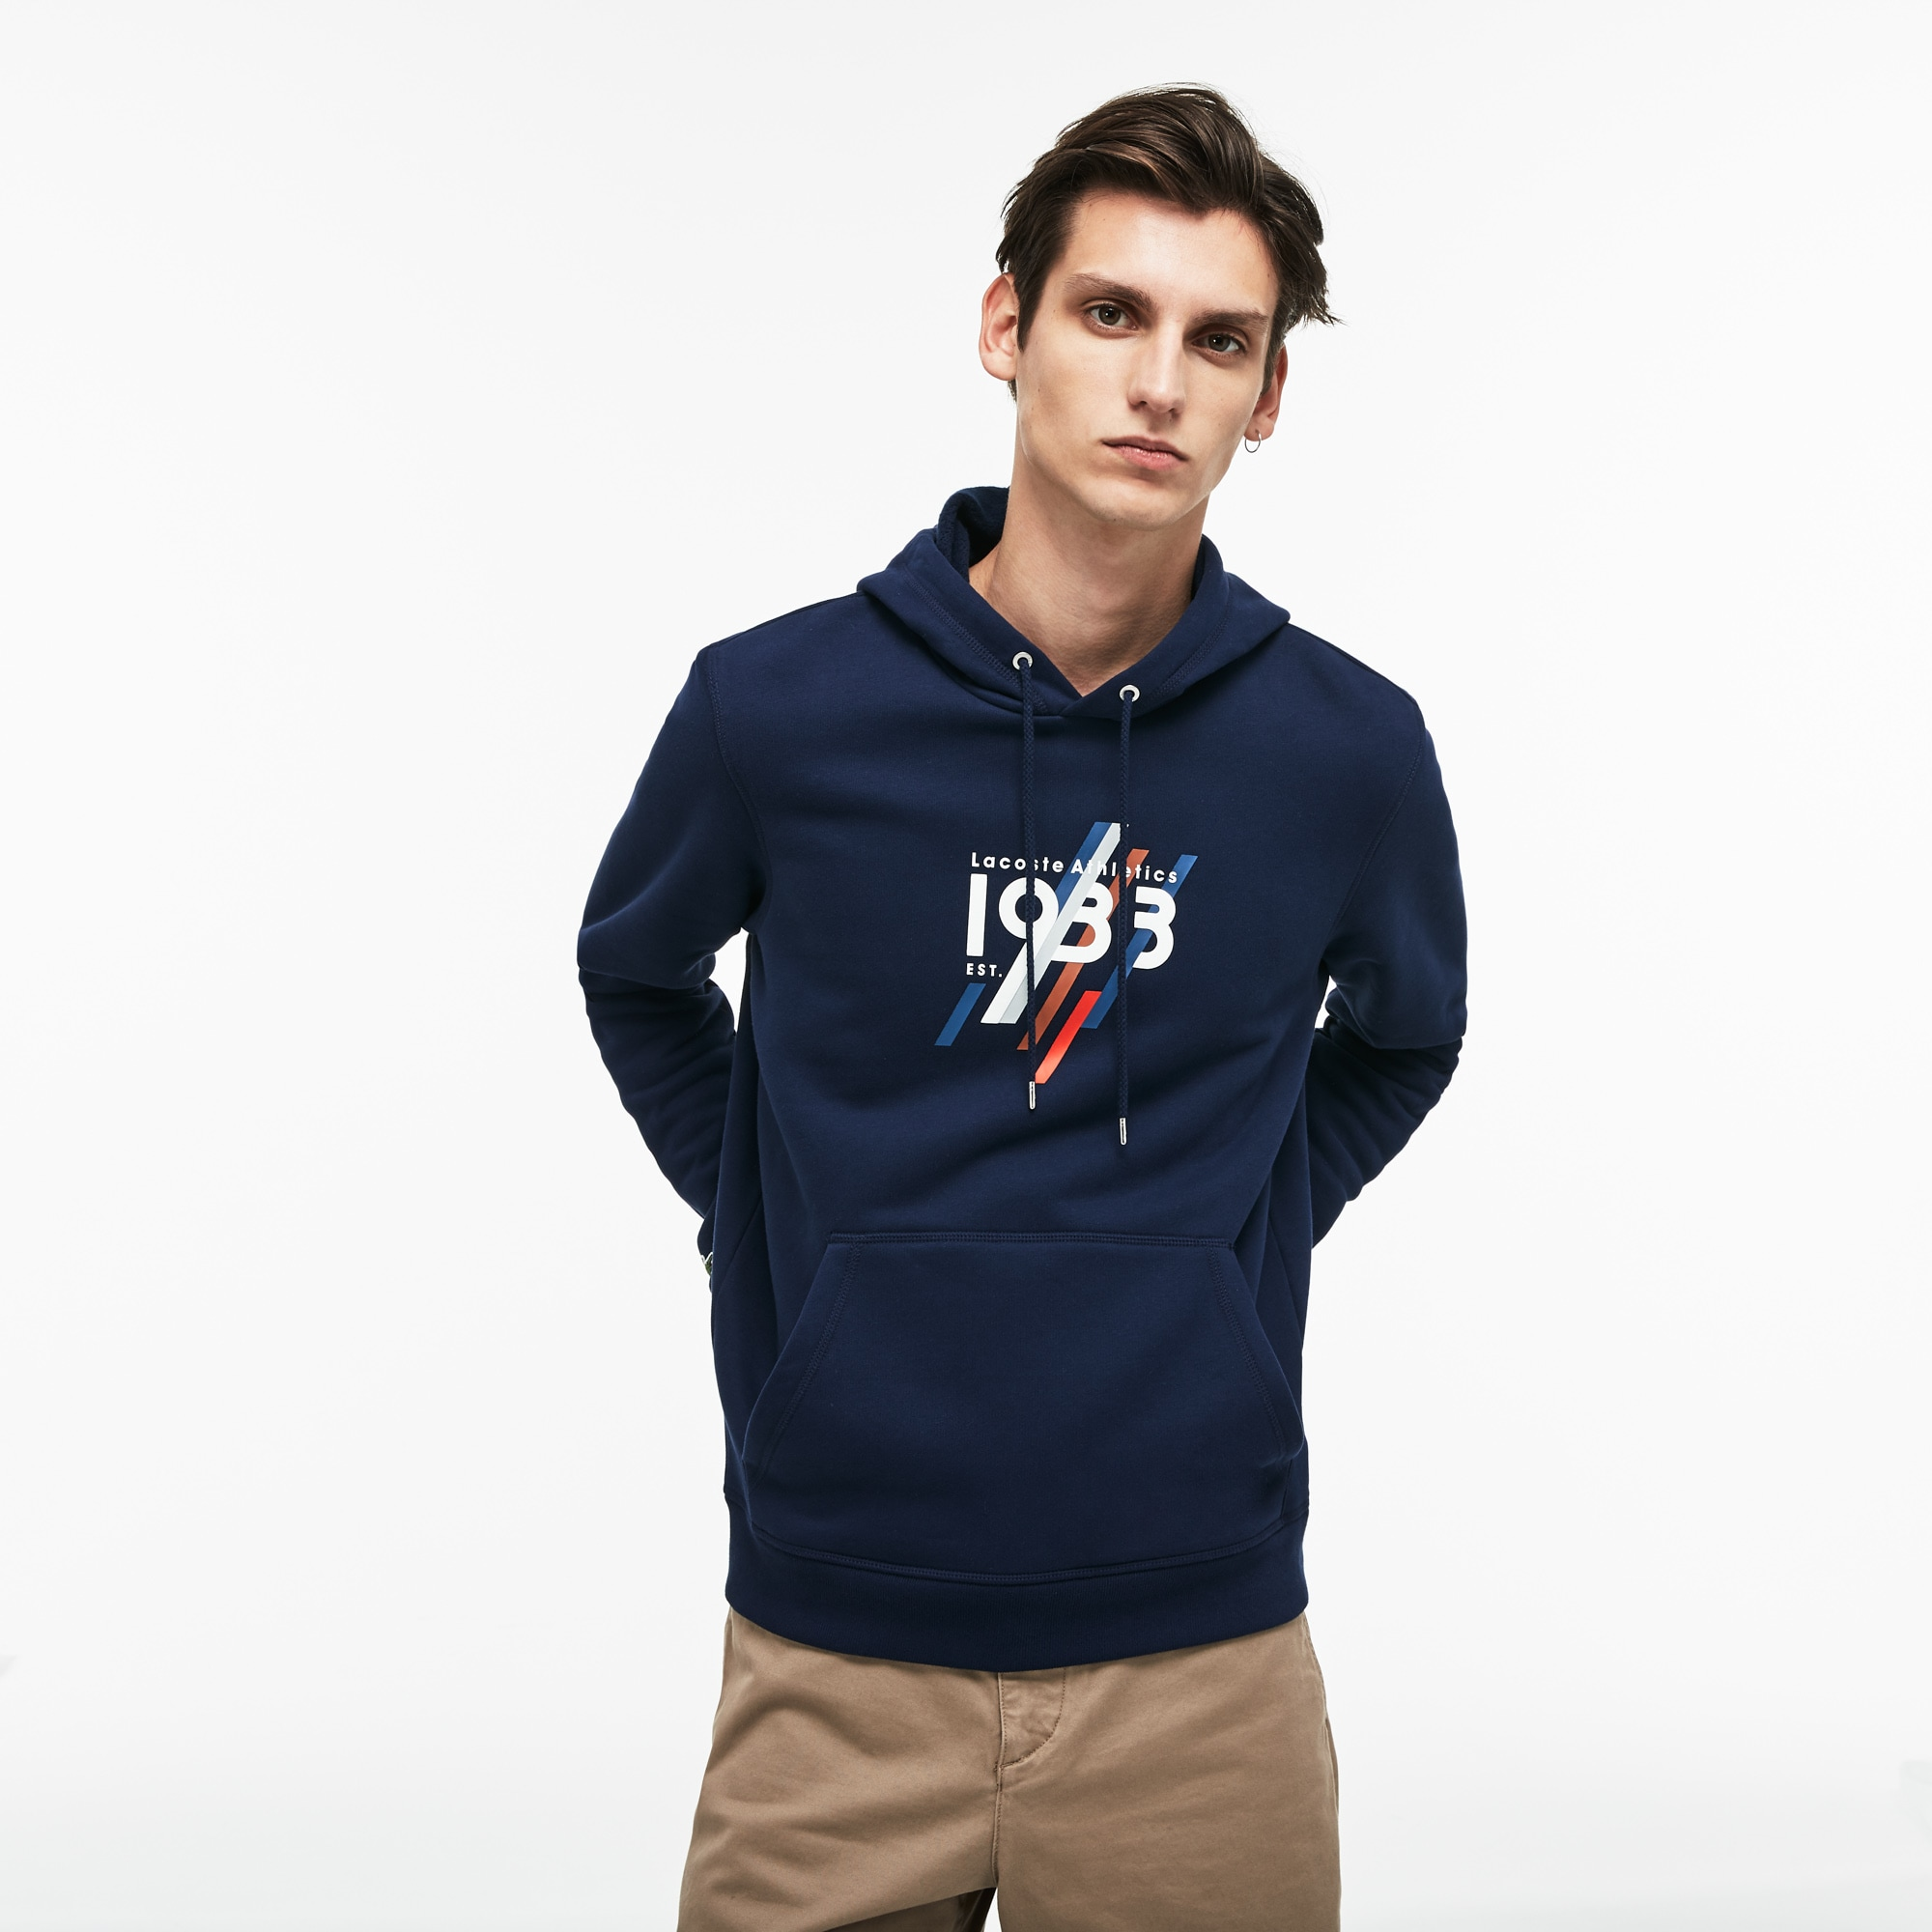 1933 Cotton Men's Fleece Lettering Sweatshirt Lacoste Hooded qCH51HxB